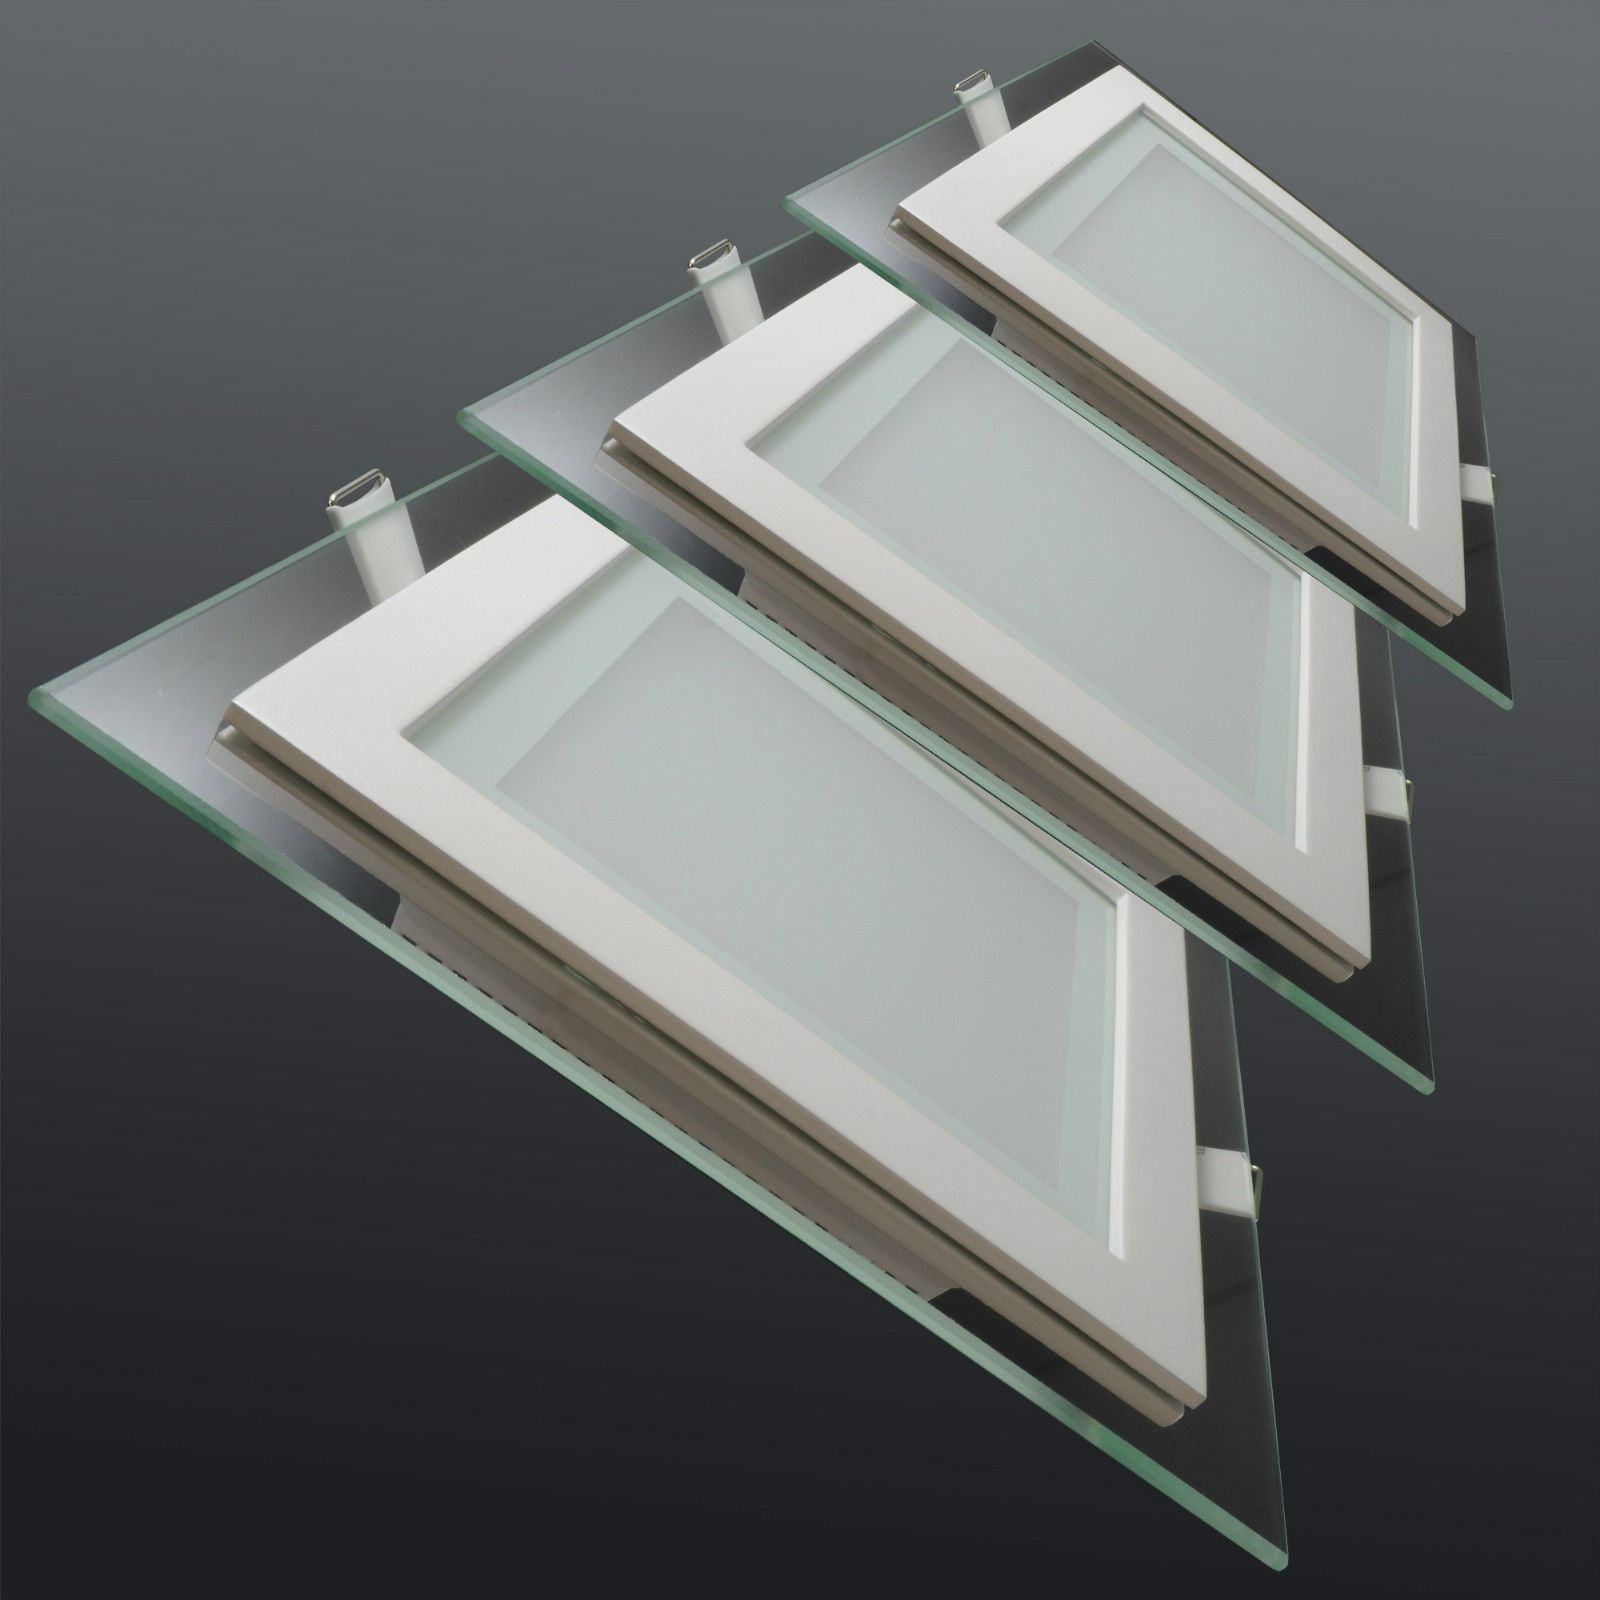 Led Glas Panel Einbaustrahler Deckenleuchte Leuchte Einbau Flach Rund Eckig Ebay Led Glas Einbaustrahler Led